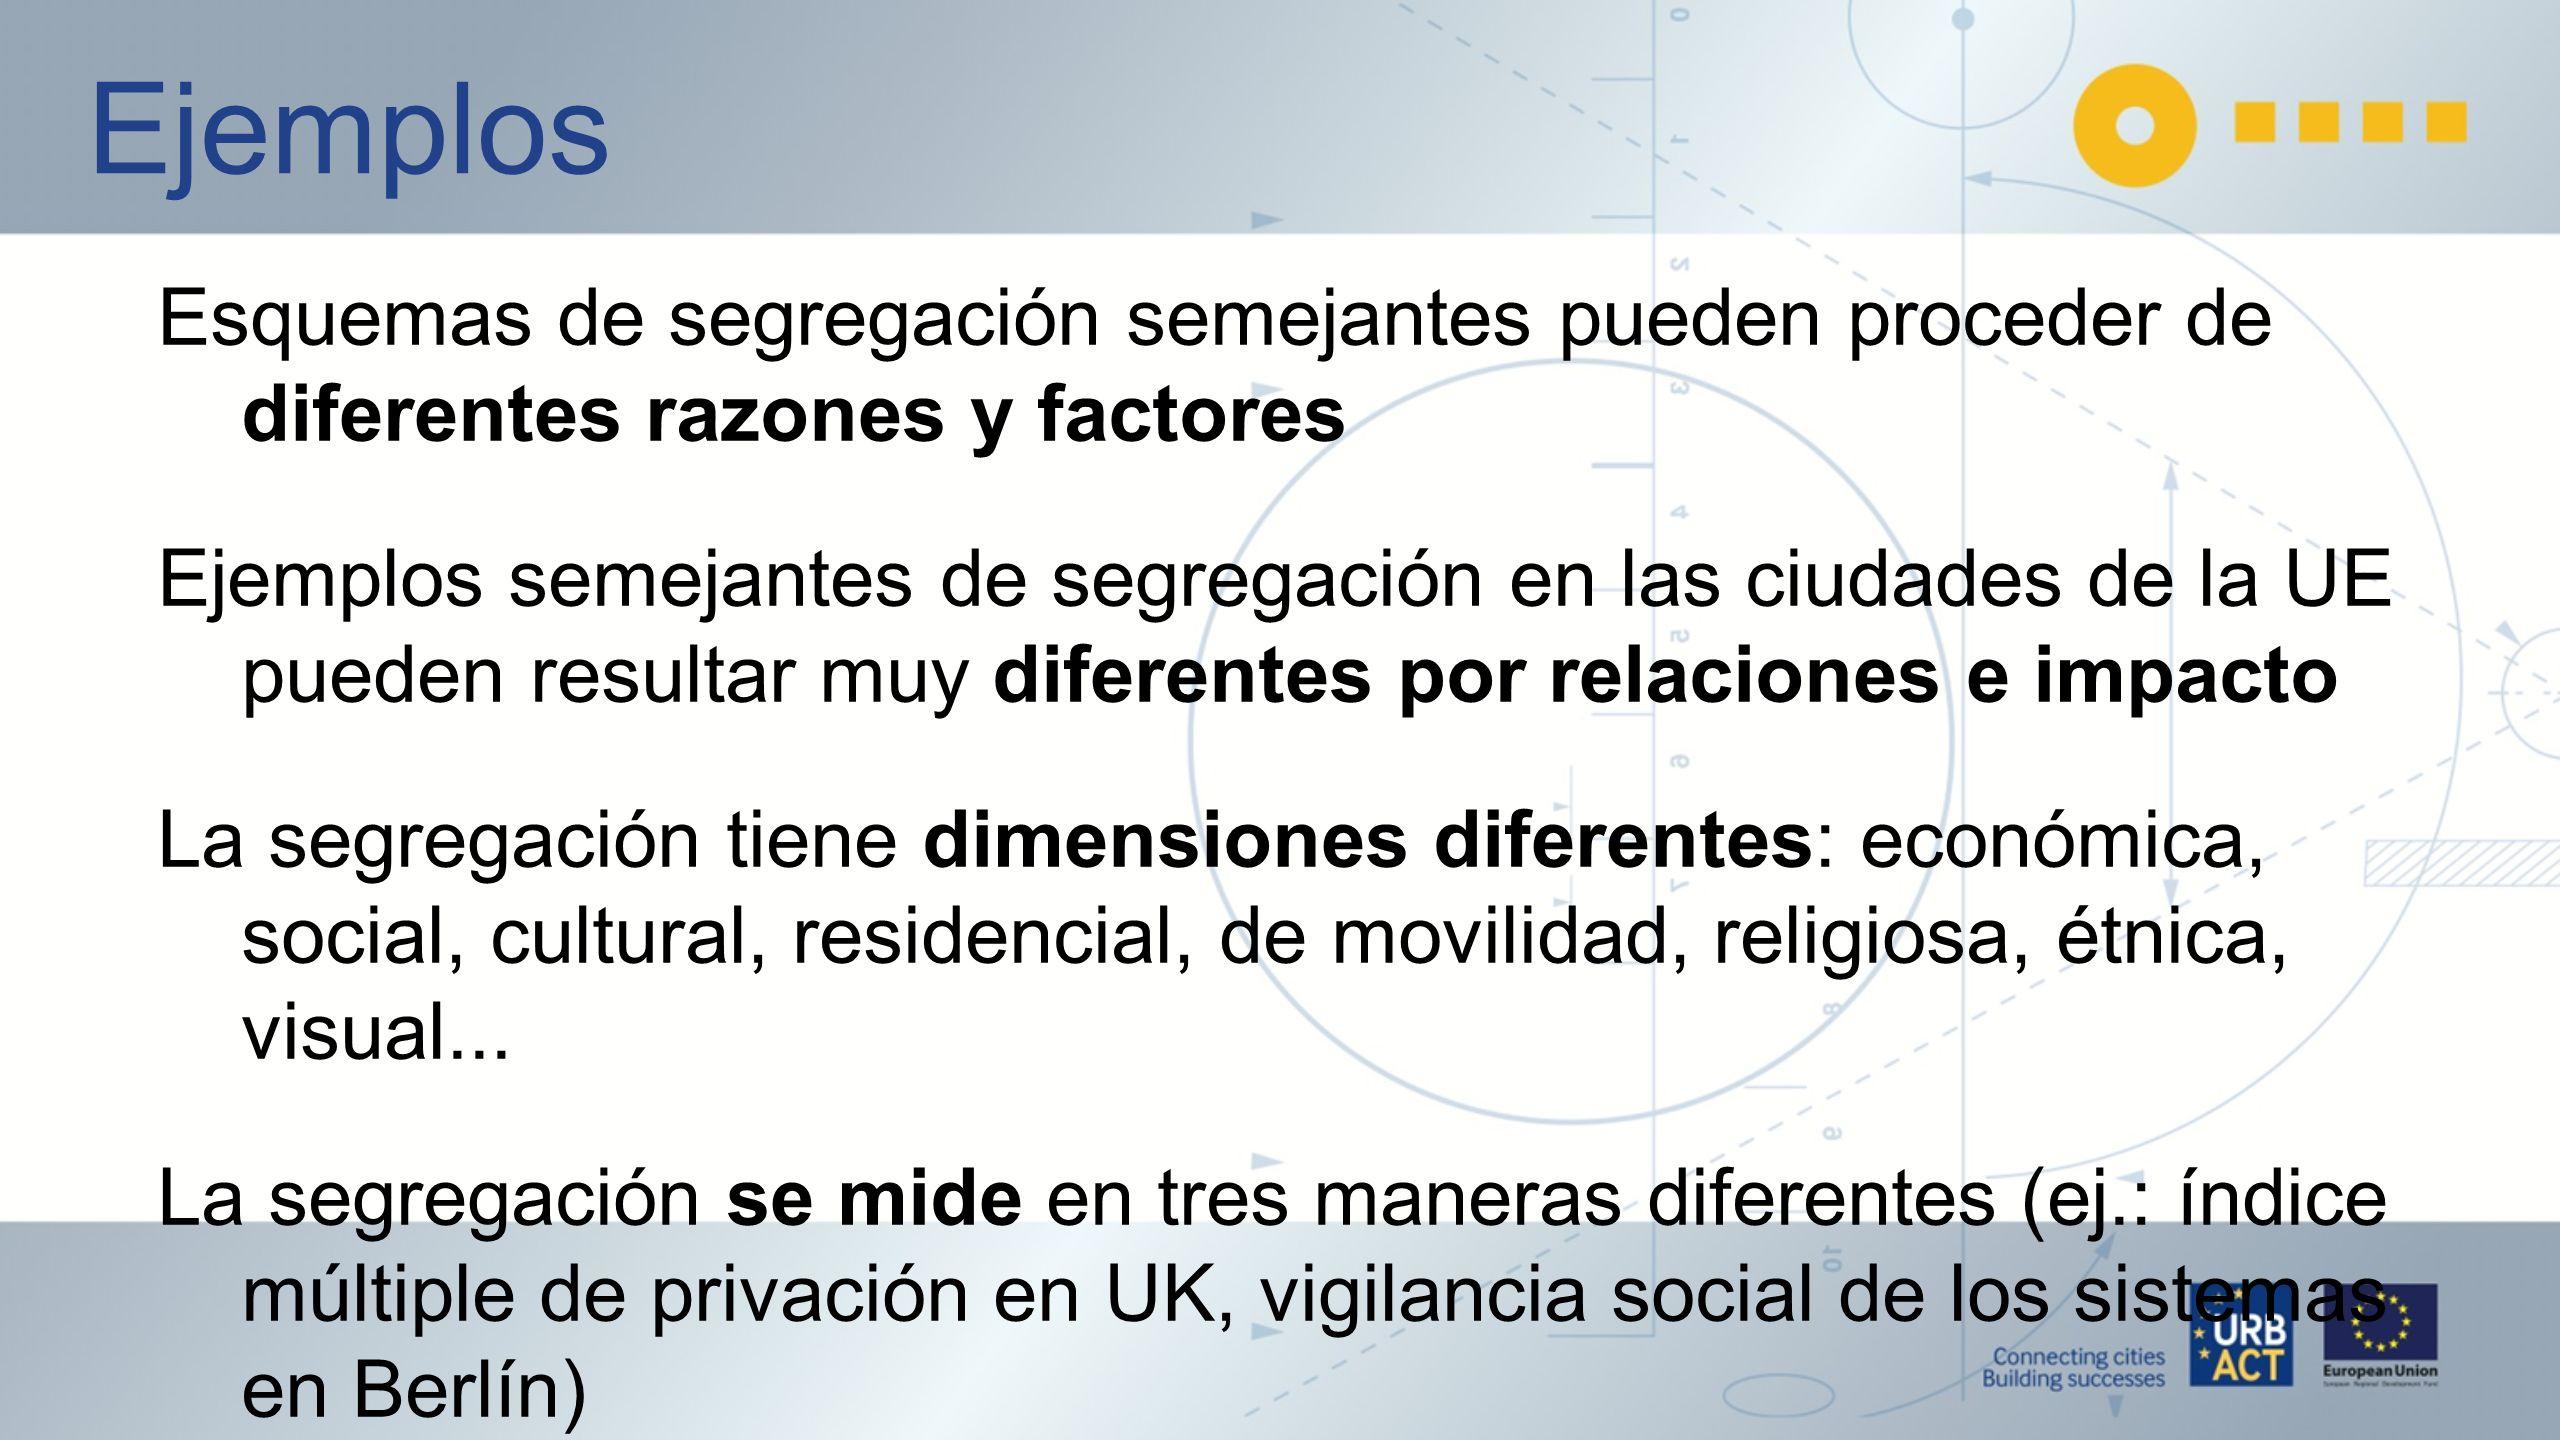 EjemplosEsquemas de segregación semejantes pueden proceder de diferentes razones y factores.